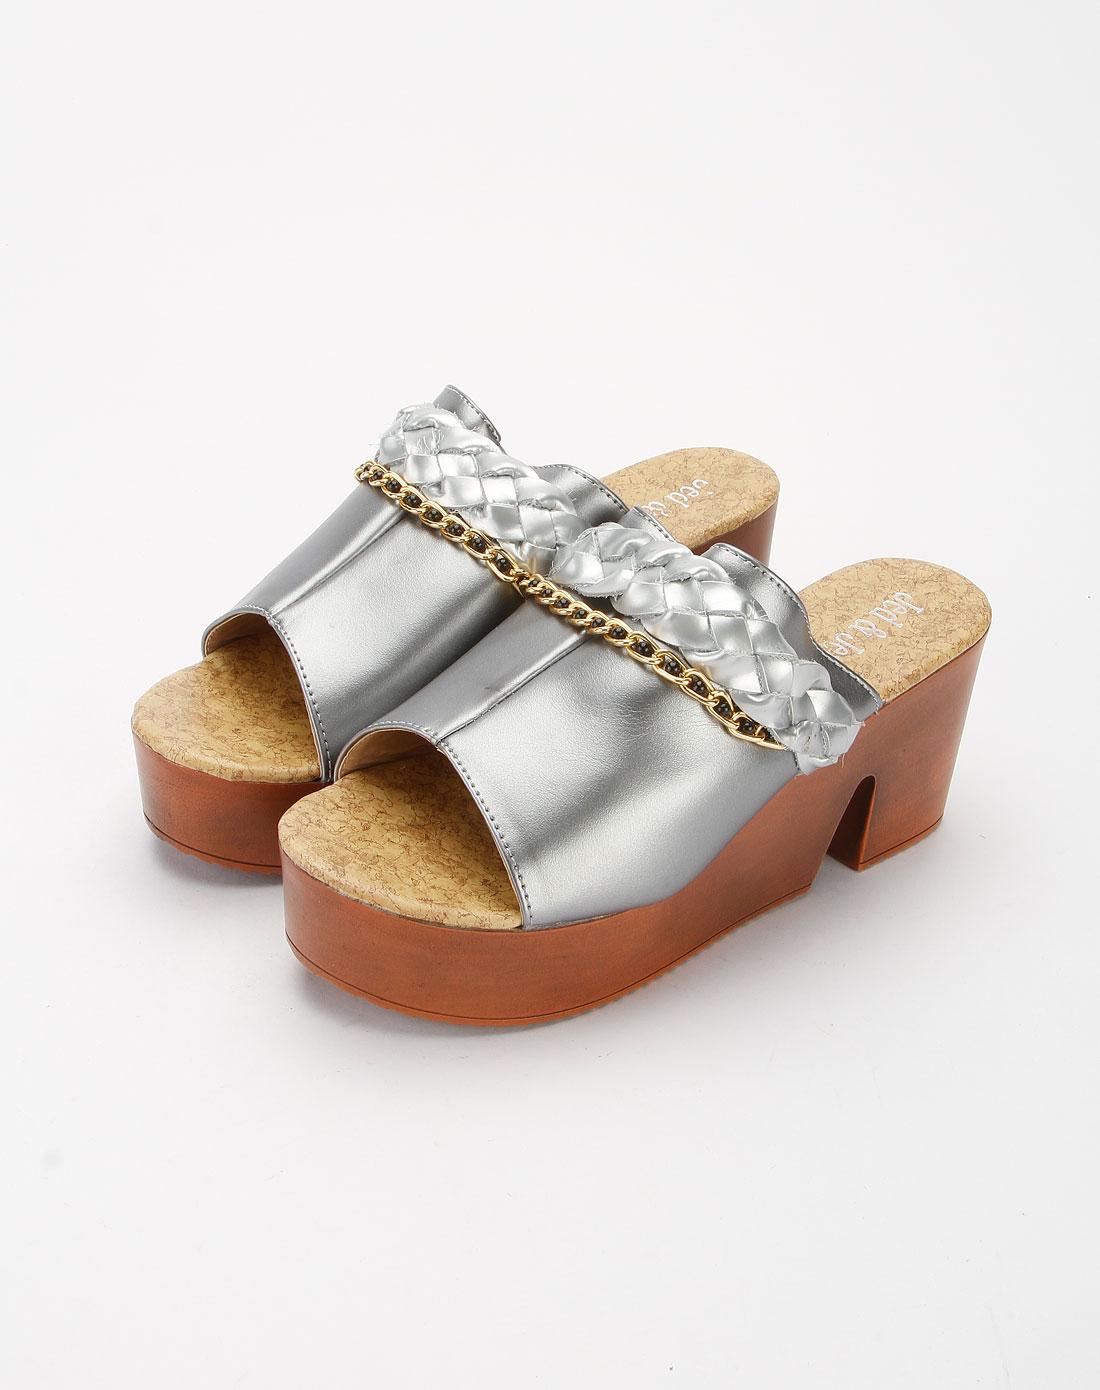 尚个性厚底高跟拖鞋